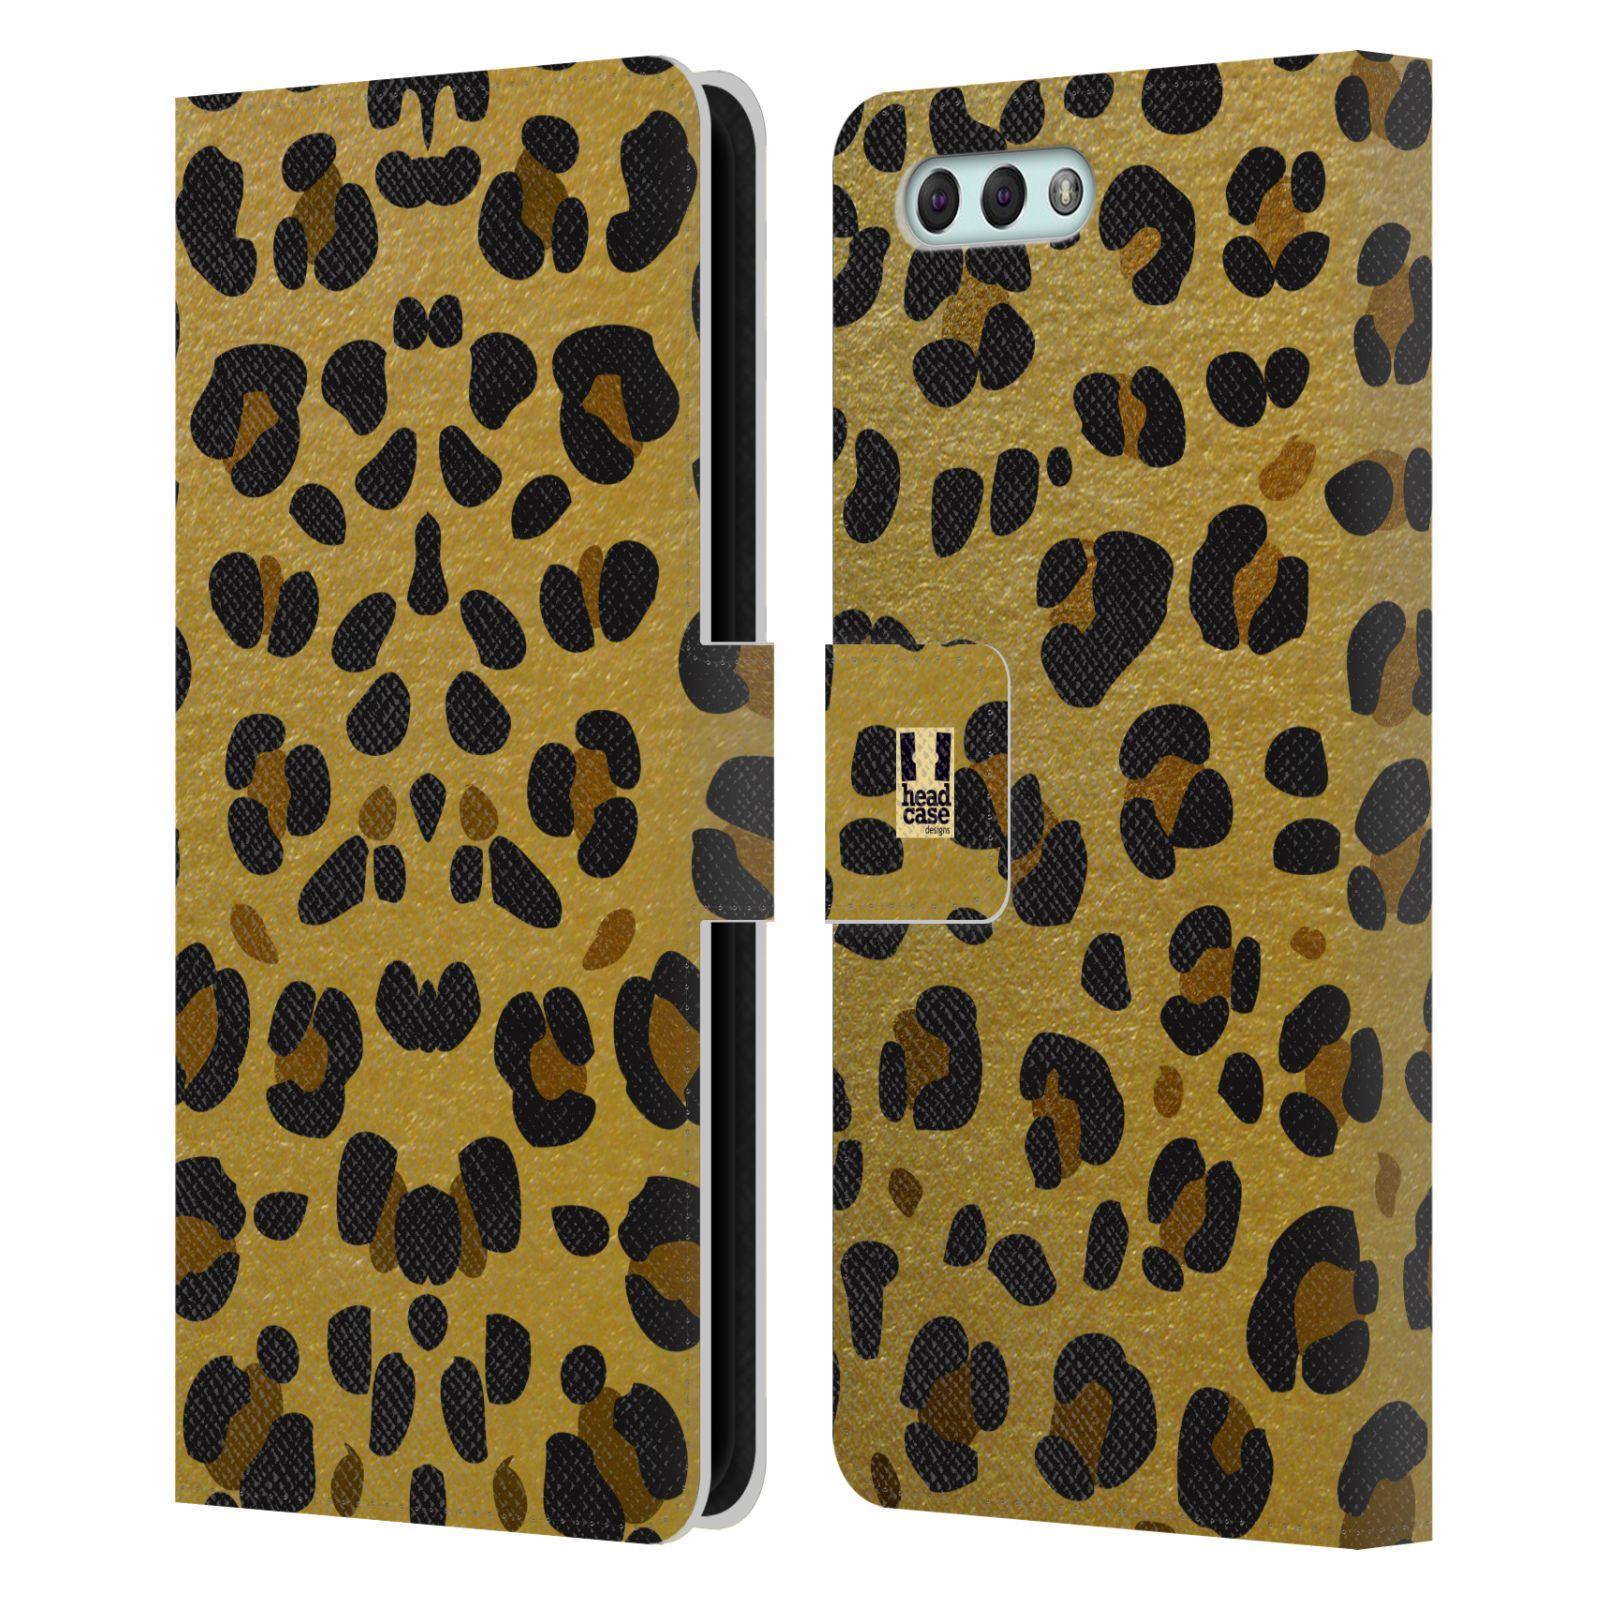 Pouzdro na mobil Asus Zenfone 4 ZE554KL - Head Case - Fashion zvířecí vzor